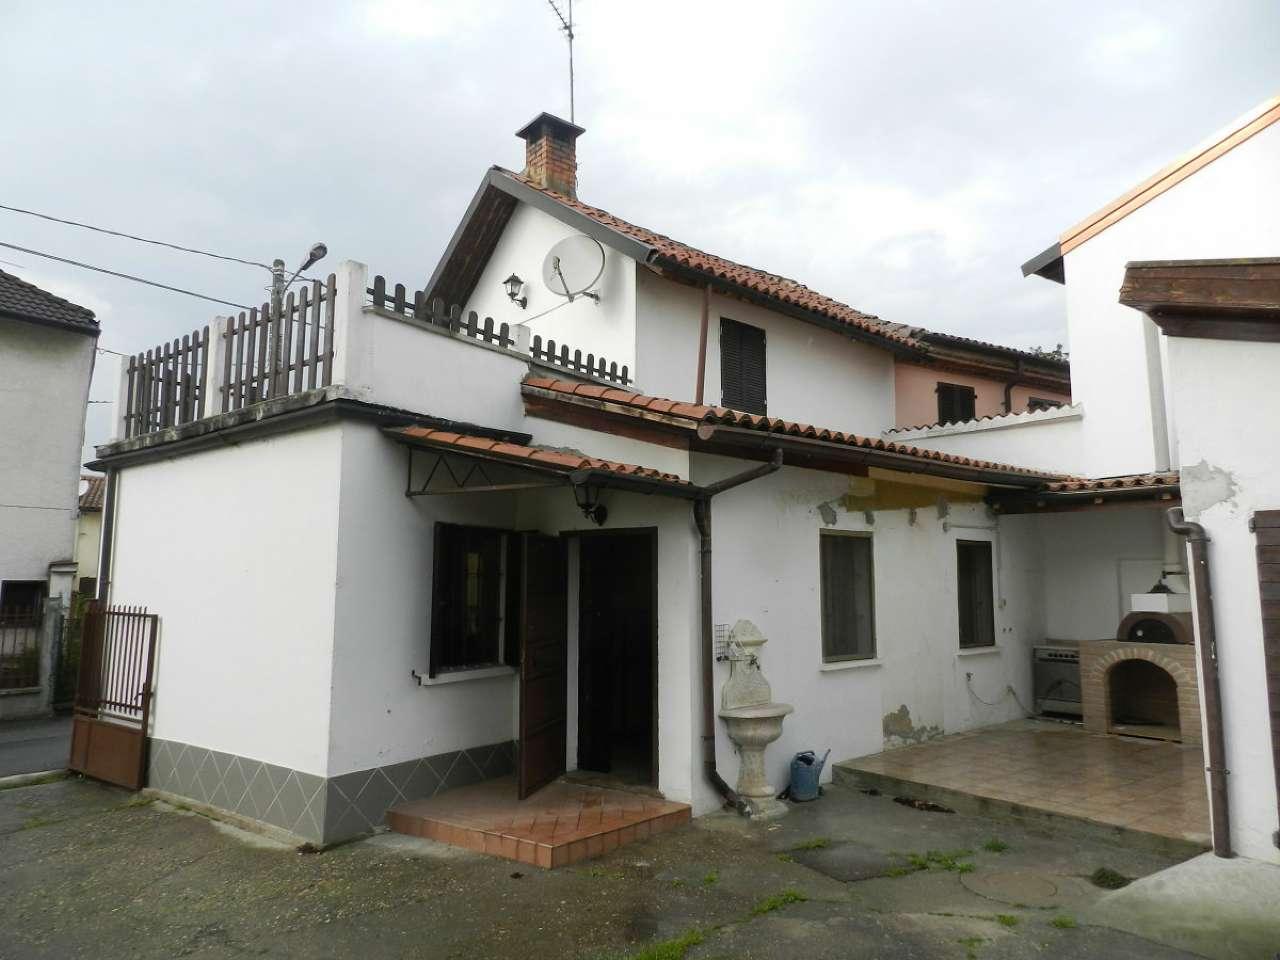 Soluzione Indipendente in vendita a Cava Manara, 3 locali, prezzo € 115.000 | CambioCasa.it